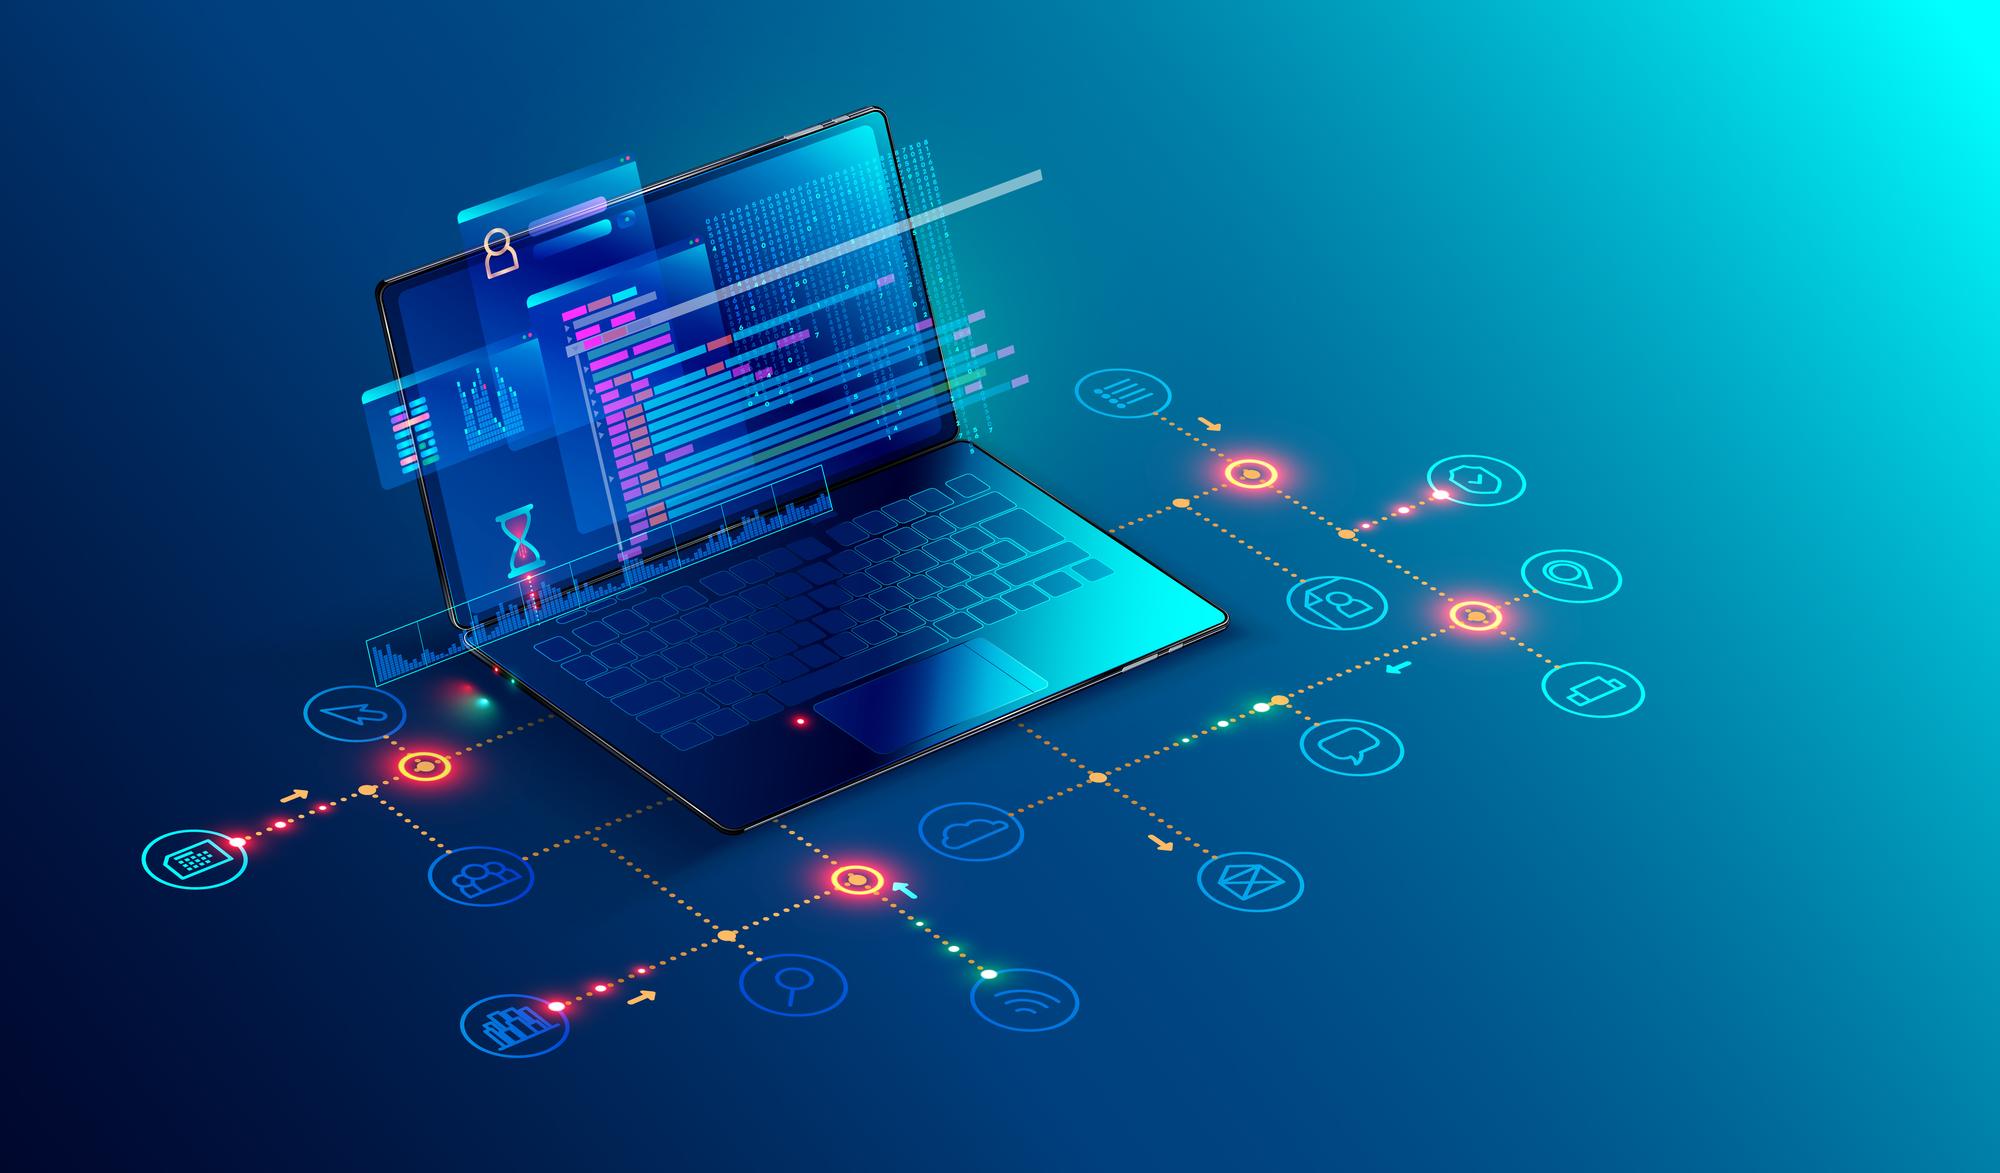 Azure CLIで何ができる?Windowsにインストールする方法サムネイル